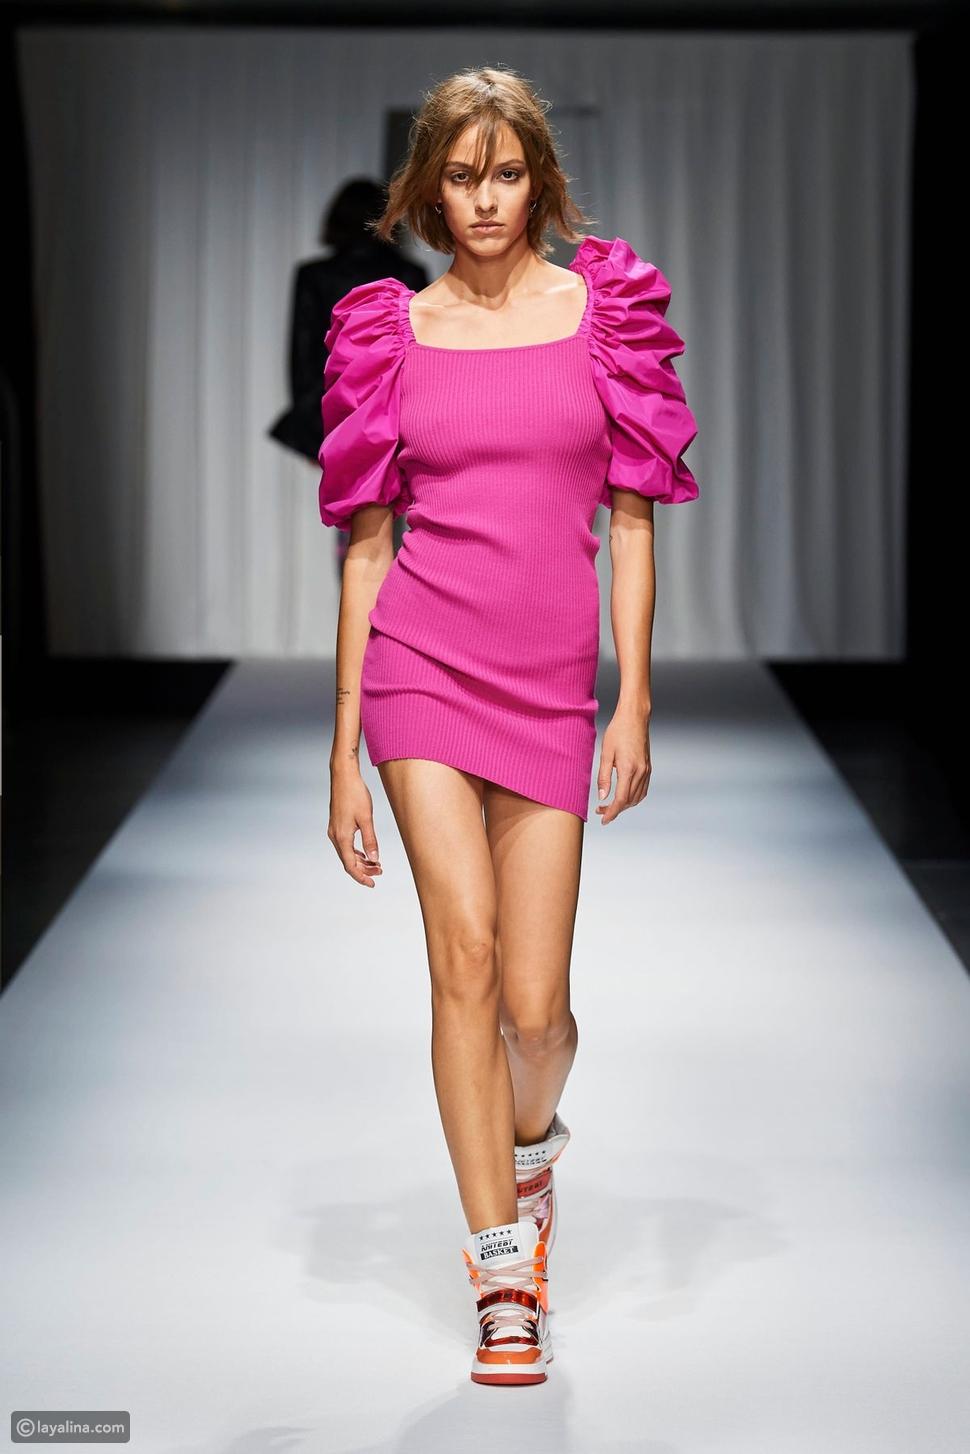 اللون الورديMagenta